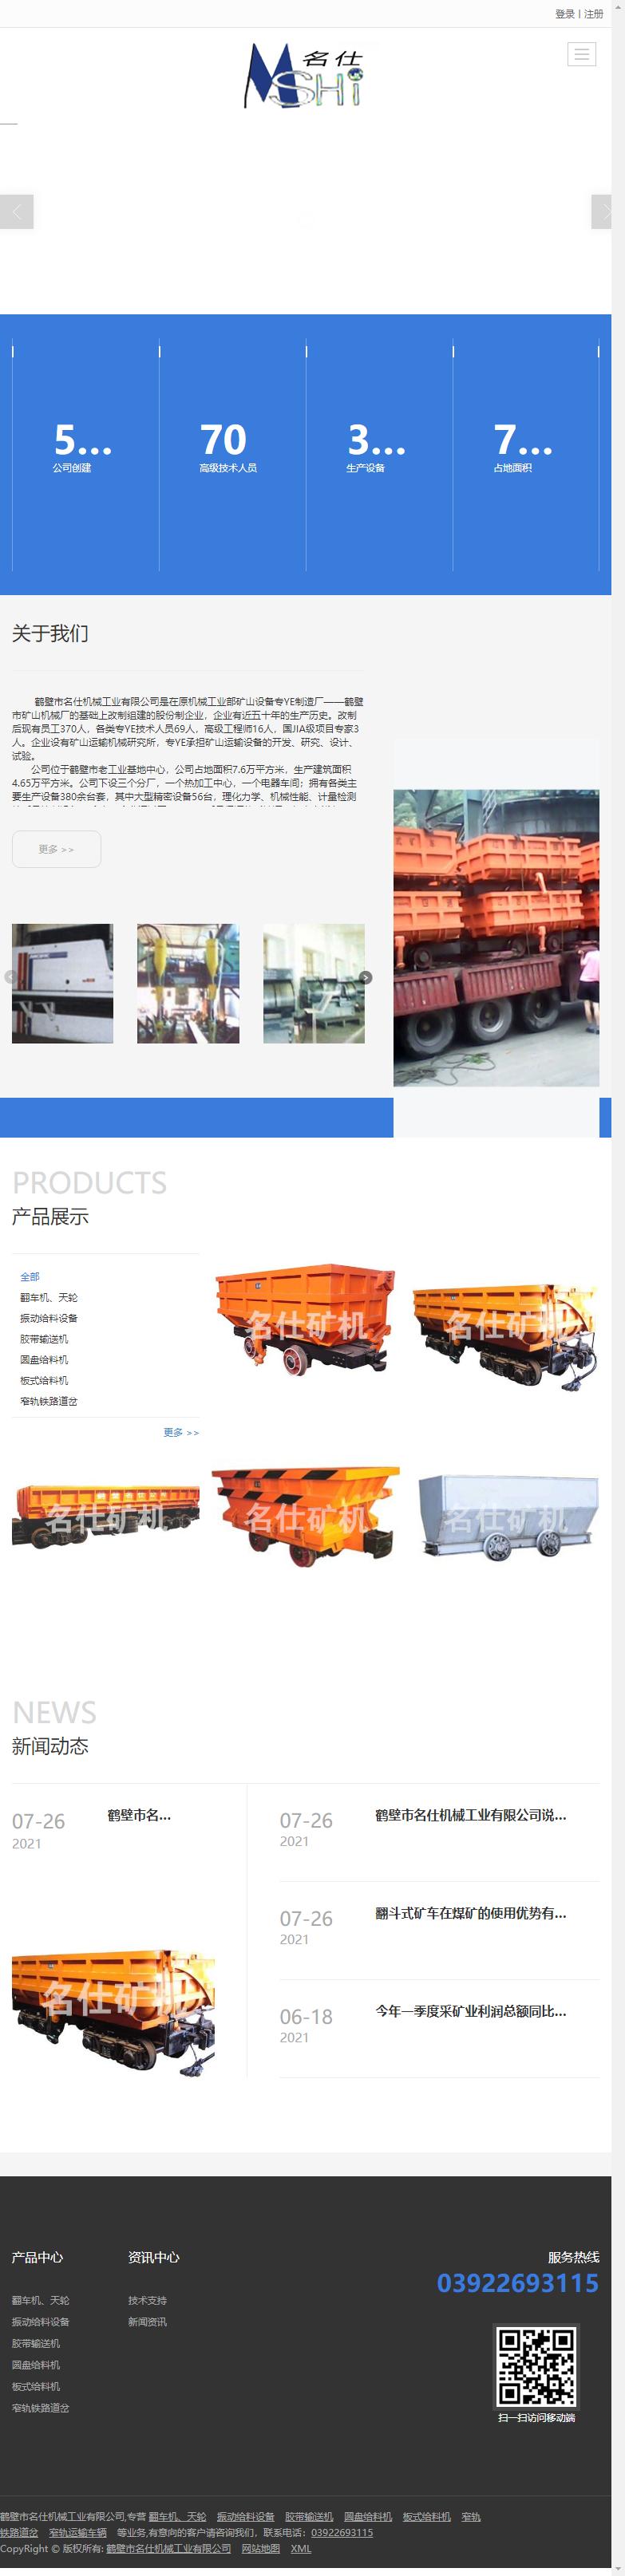 鹤壁市名仕机械工业有限公司网站案例